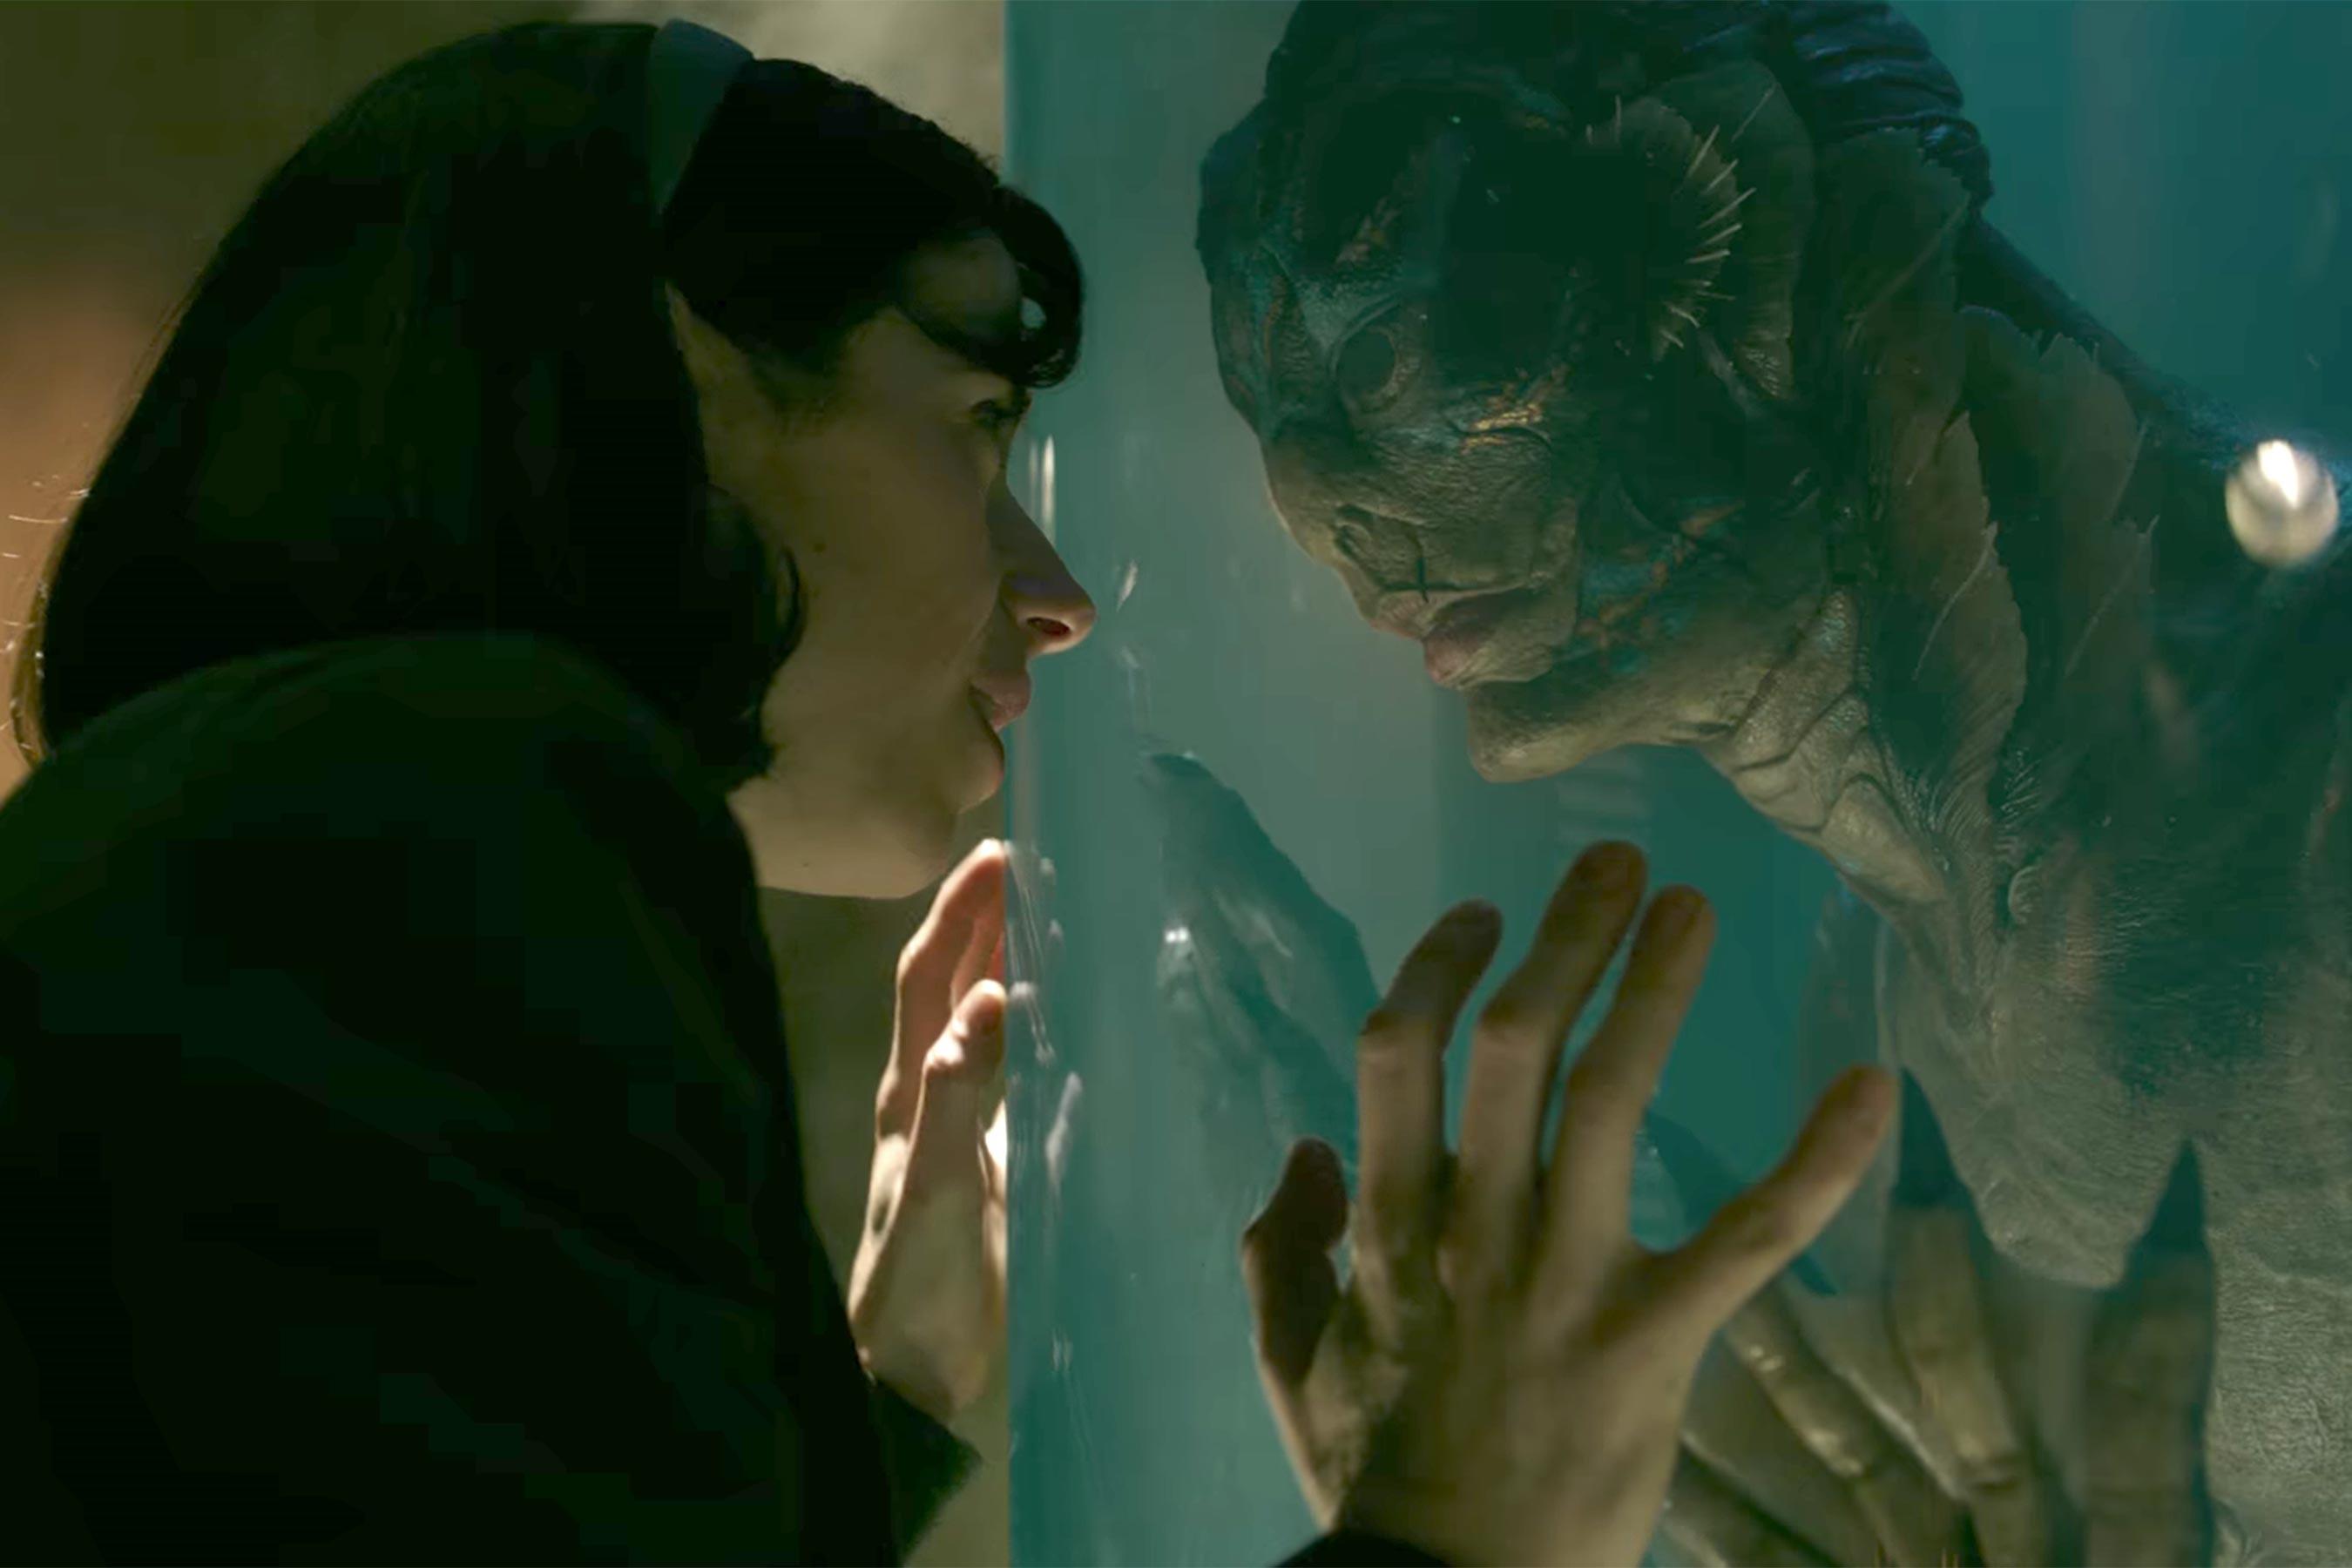 Phim cô gái câm yêu thủy quái dẫn đầu Oscar 2018 với 13 đề cử